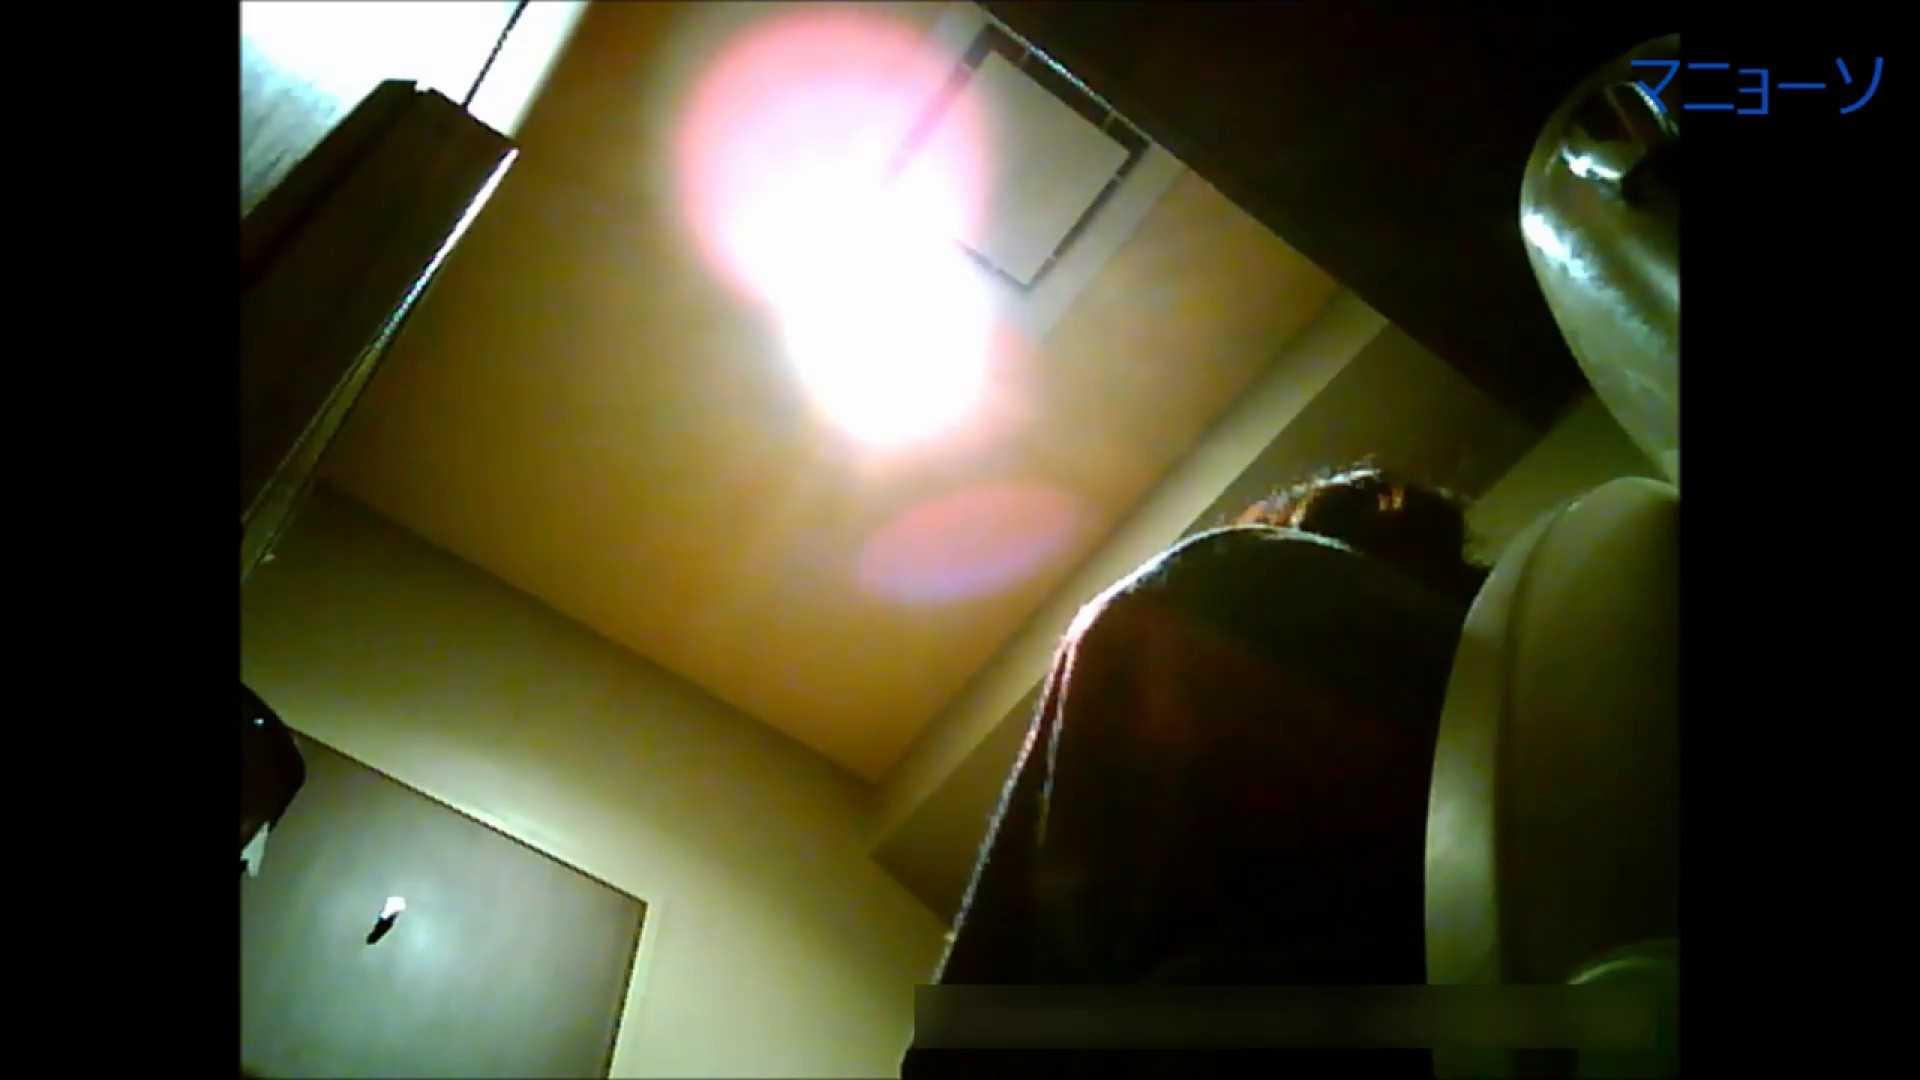 トイレでひと肌脱いでもらいました (JD編)Vol.02 トイレ | OLの実態  80pic 21